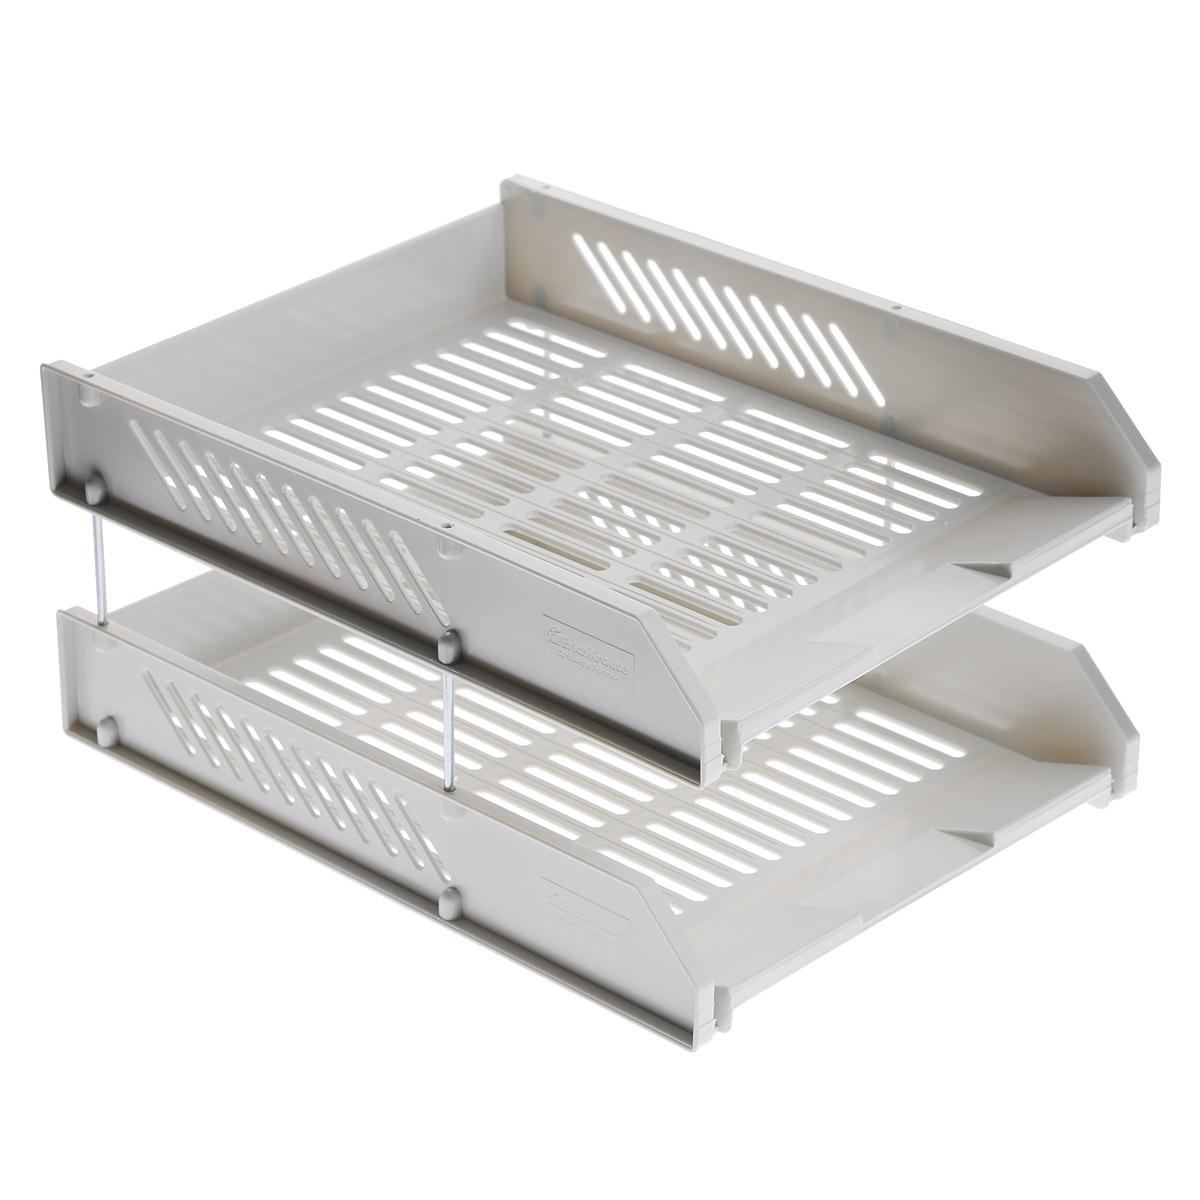 Набор горизонтальных лотков для бумаги Erich Krause, цвет: серый, 2 штPP-103Сетчатый горизонтальные лотки для бумаги Erich Krause предназначены для хранения документов, рабочих бумаг, журналов и каталогов. Набор включает 2 лотка из высококачественного серого пластика. Лотки устанавливаются друг на друга и скрепляются посредством металлических стержней со съемными пластиковыми наконечниками.Горизонтальные лотки для бумаги Erich Krause помогут удобно организовать пространство в вашем офисе. Характеристики:Материал: металл, пластик. Размер лотка: 34 см x 26 см x 6 см. Длина стержня: 7 см. Бренд Erich Krause - это полный ассортимент канцтоваров для офиса и школы, который гарантирует безукоризненное исполнение разных задач в процессе работы или учебы, органично и естественно сопровождает вас день за днем. Для миллионов покупателей во всем мире продукция Erich Krause стала верным и надежным союзником в реализации любых проектов и самых амбициозных планов. Высококвалифицированные специалисты Erich Krause прилагают все свои усилия, что бы каждый продукт компании прослужил максимально долго и неизменно радовал покупателей удобством и легкостью использования, надежностью в эксплуатации и прекрасным дизайном.